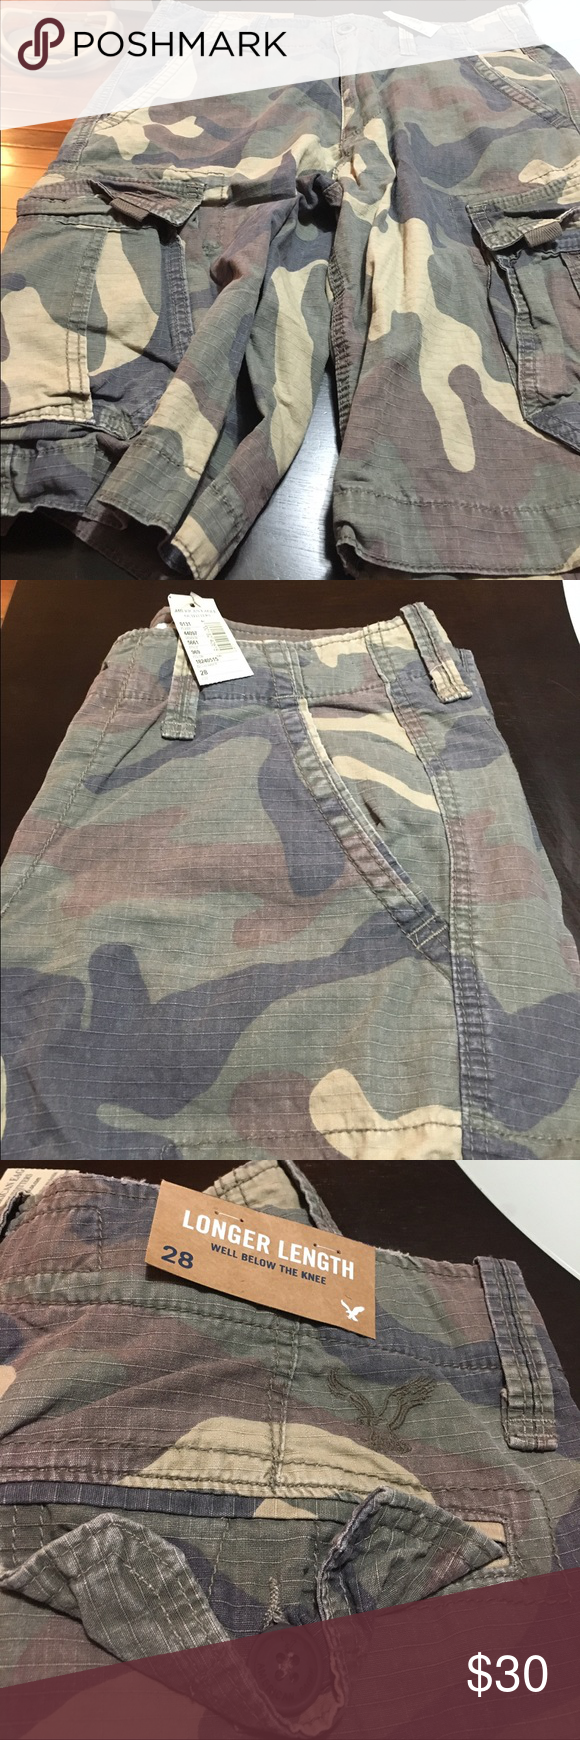 Men Shorts American Eagle Longer Length Shorts American Eagle Outfitters Shorts